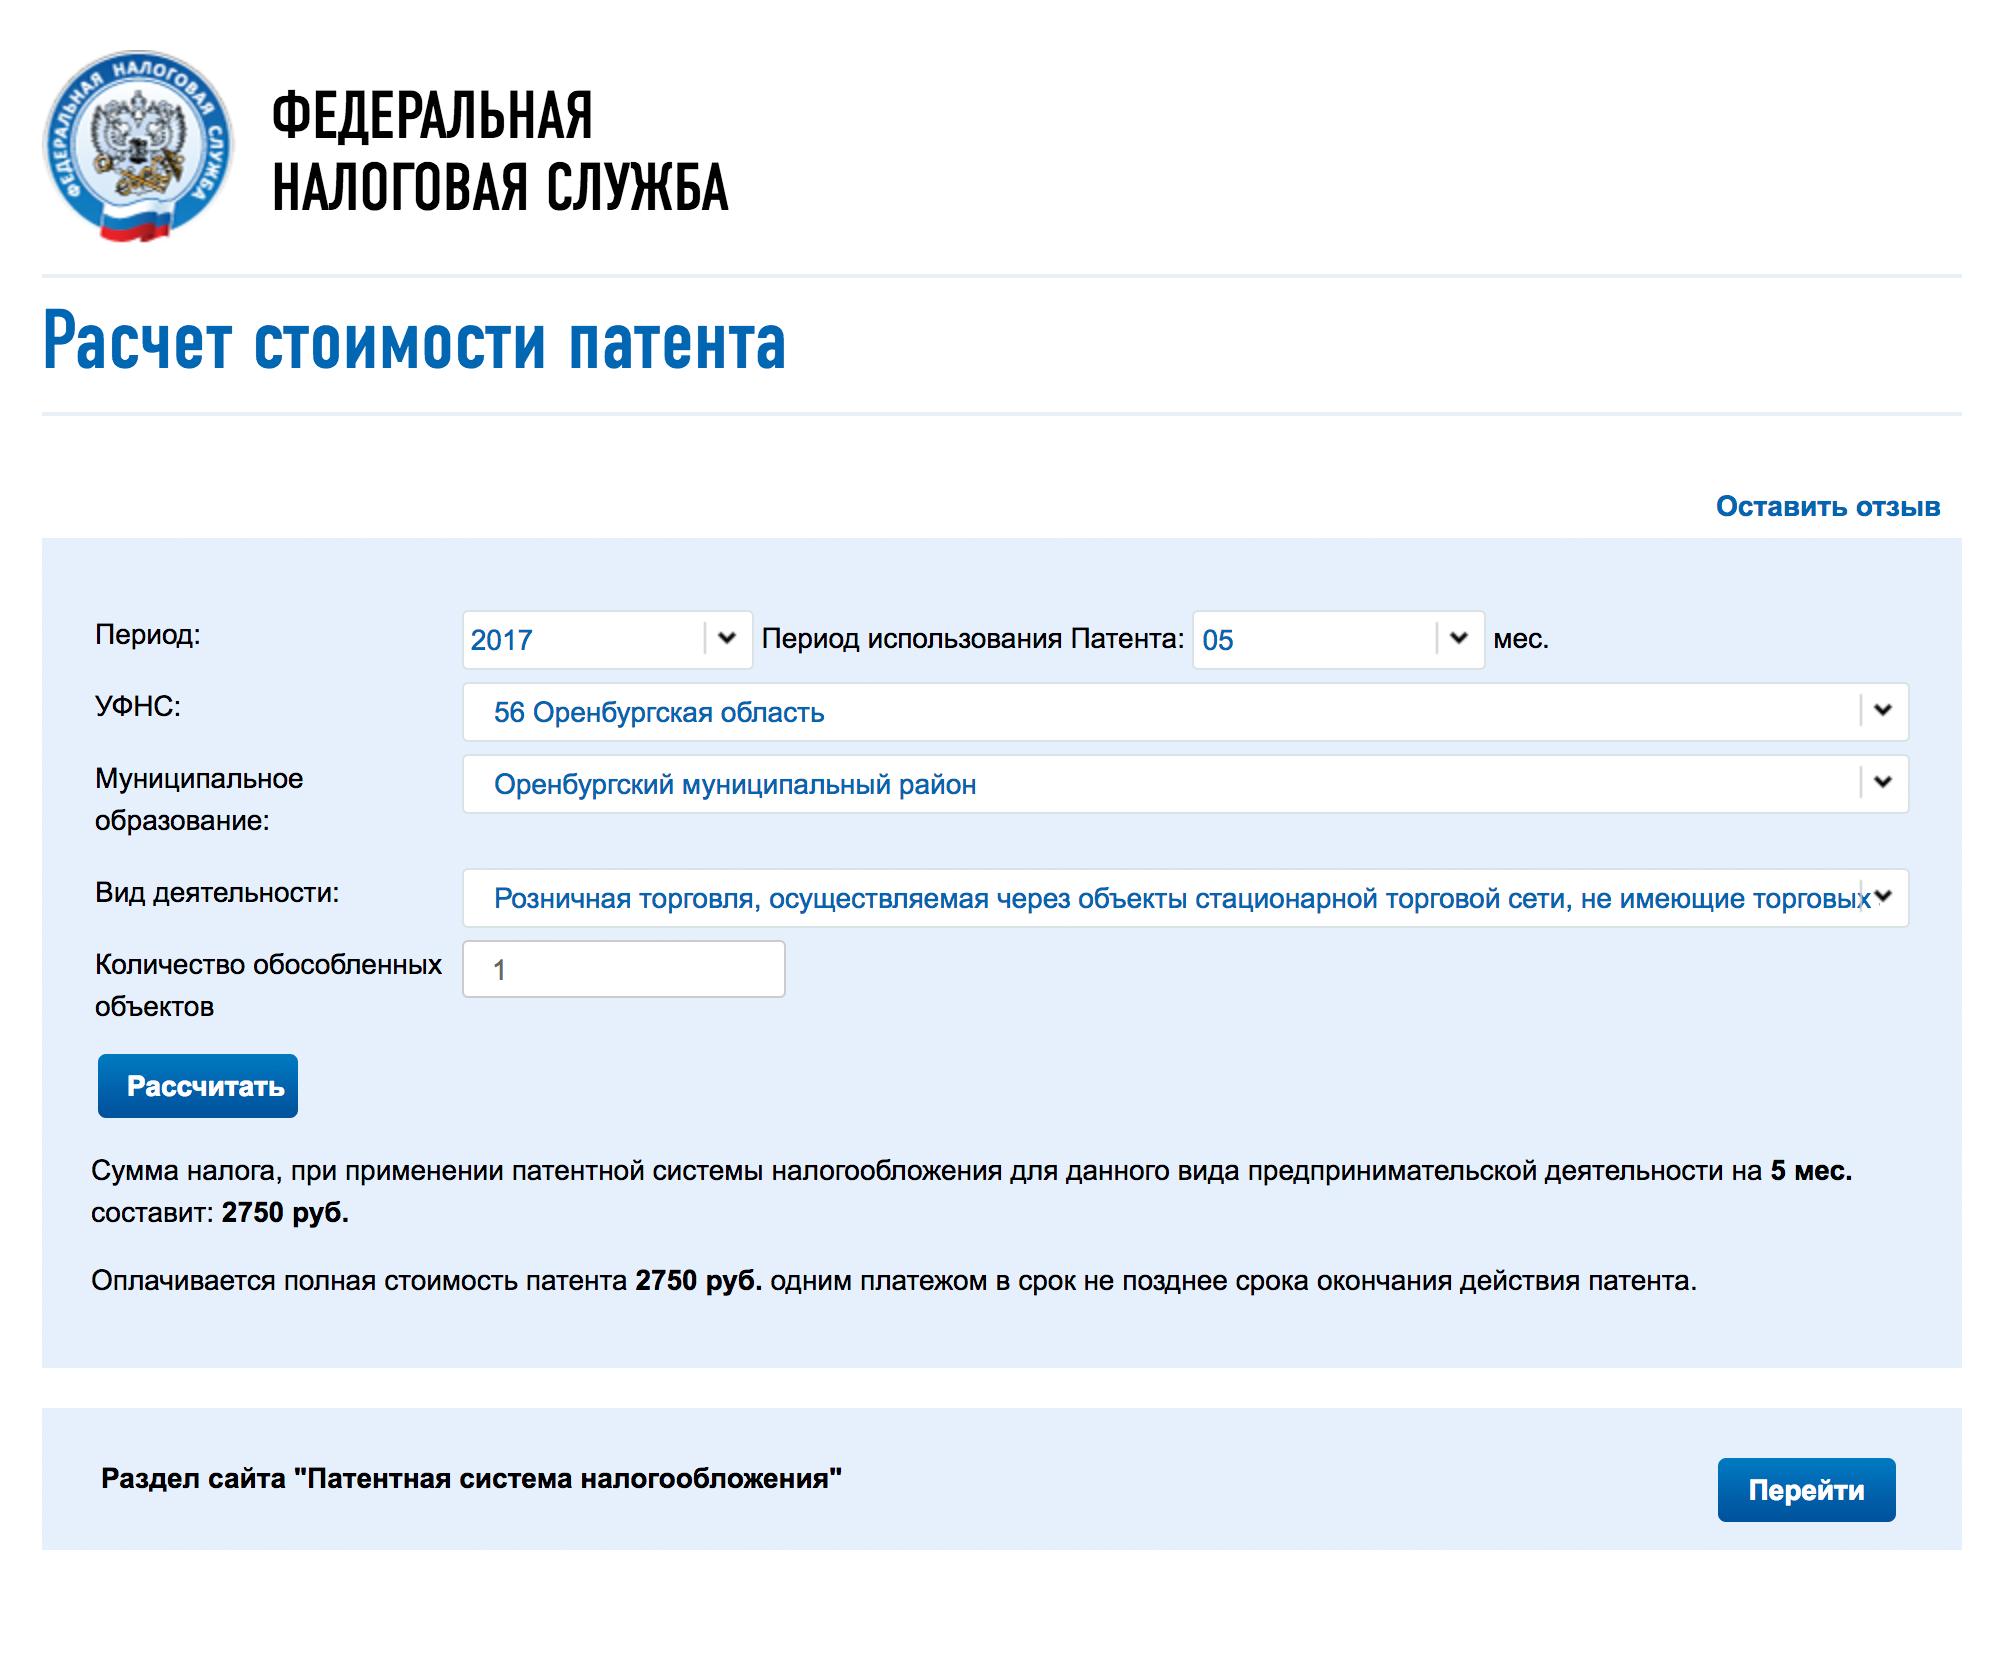 На сайте ФНС можно рассчитать стоимость патента для своего бизнеса